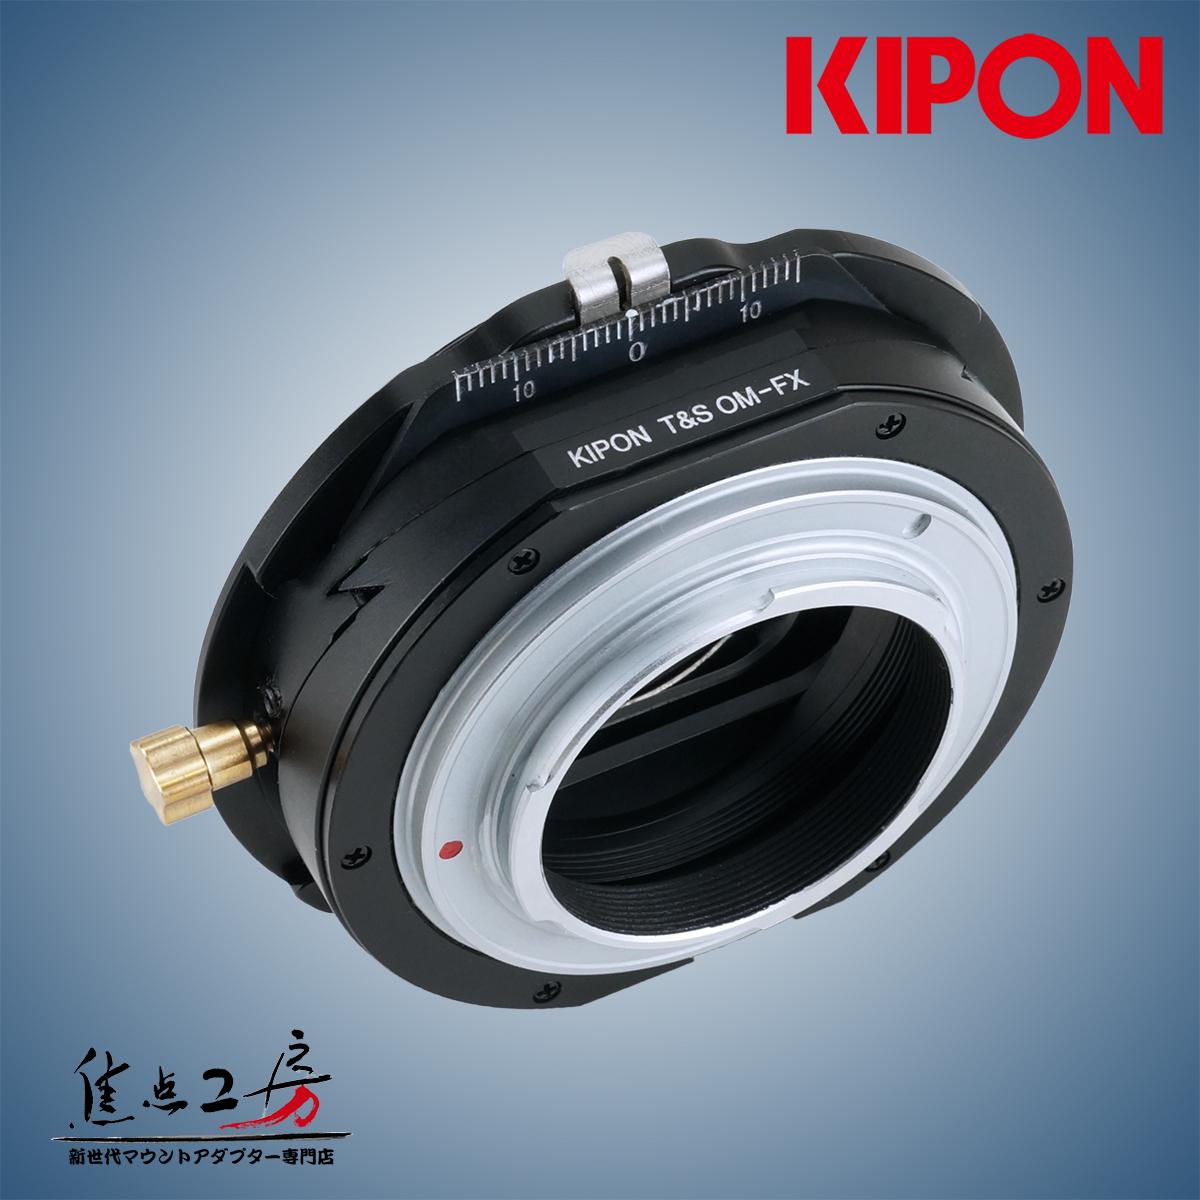 マウントアダプター KIPON T&S OM-FX オリンパスOMマウントレンズ - 富士フィルムXマウントカメラ アオリ(ティルト&シフト)機構搭載